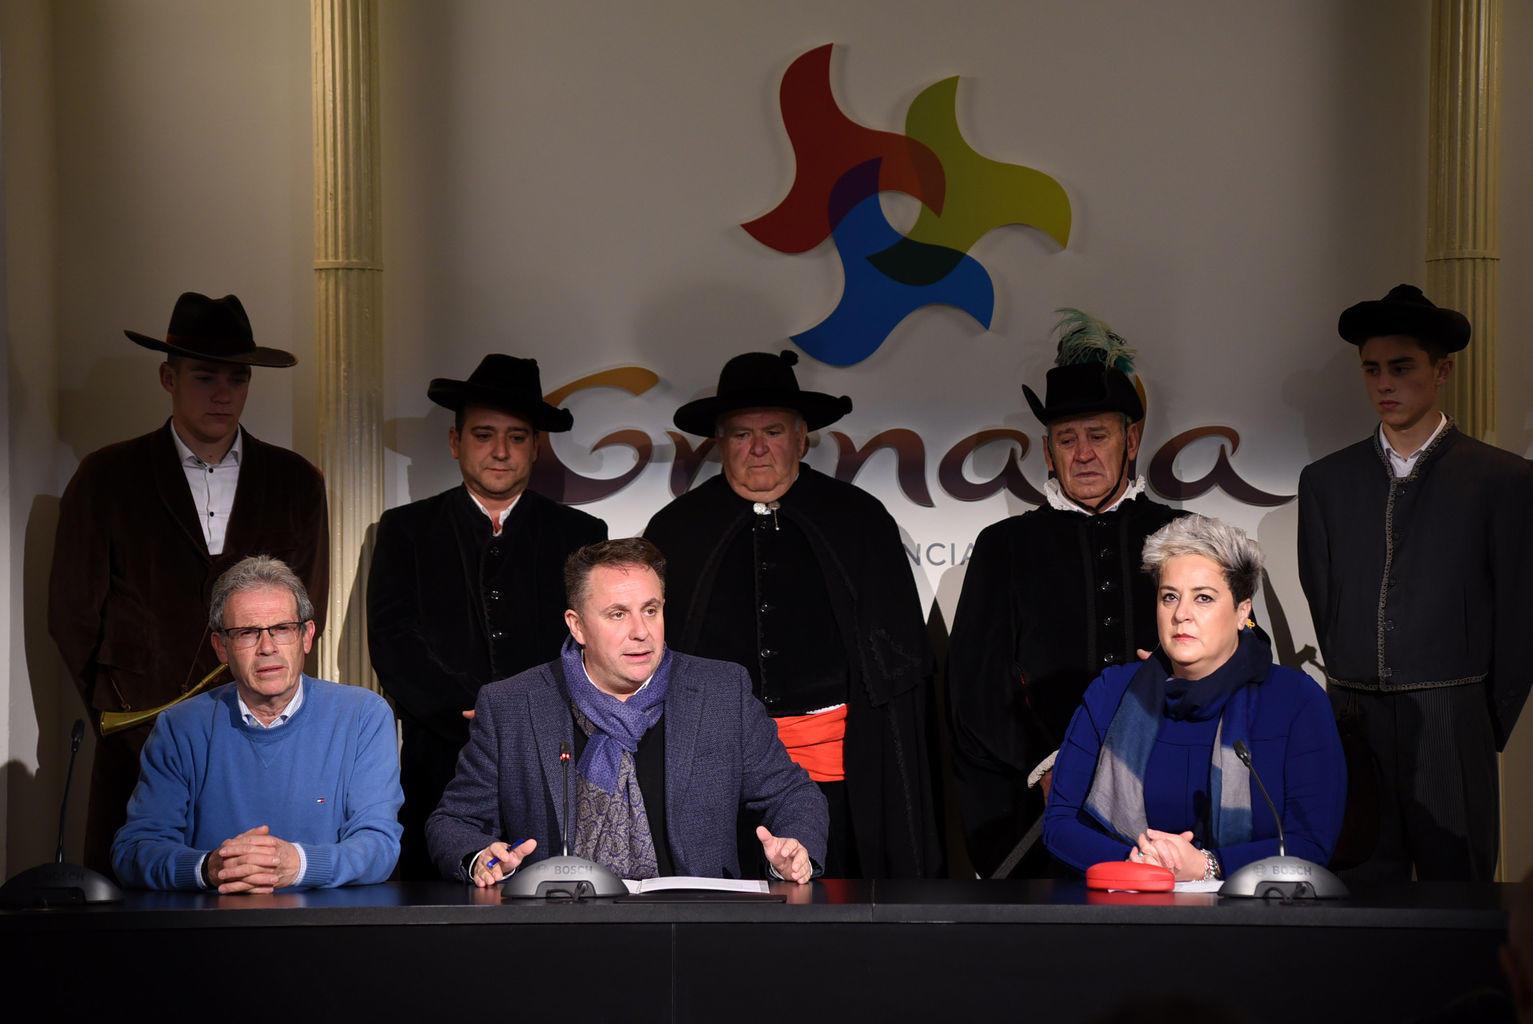 La Diputación ha pedido la anulación de la fiesta de los Inocentes